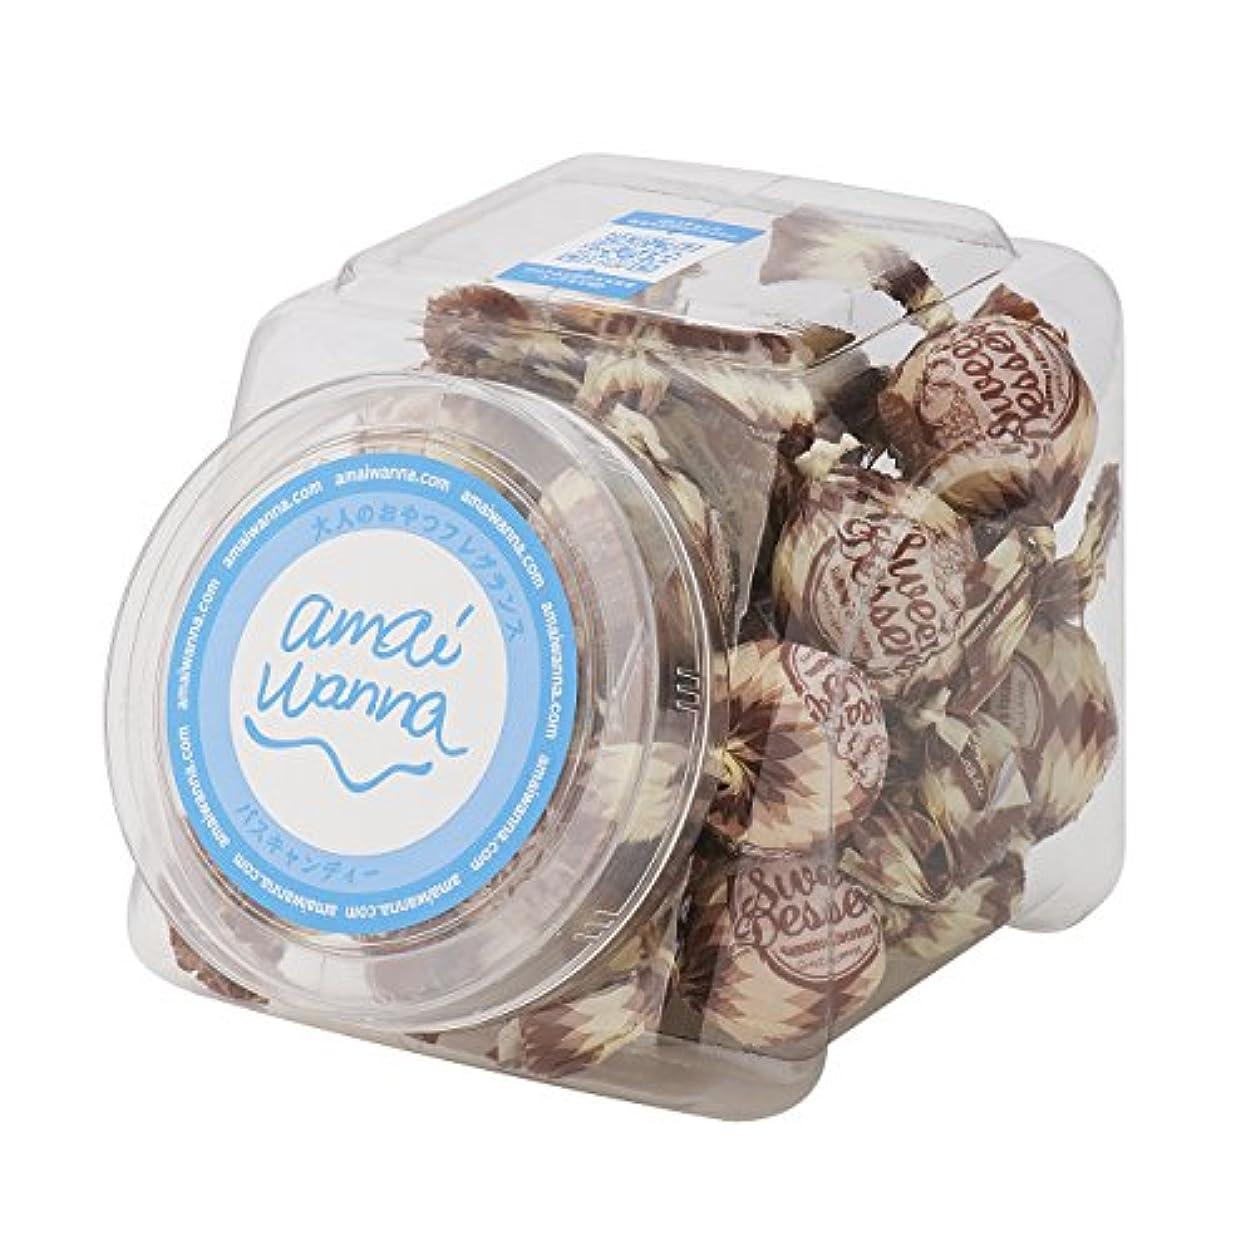 シュート自体分解するアマイワナ バスキャンディーポットセット 真夏のココ 35g×24コ(発泡タイプ入浴料 風にそよぐスイートココナッツの香り)